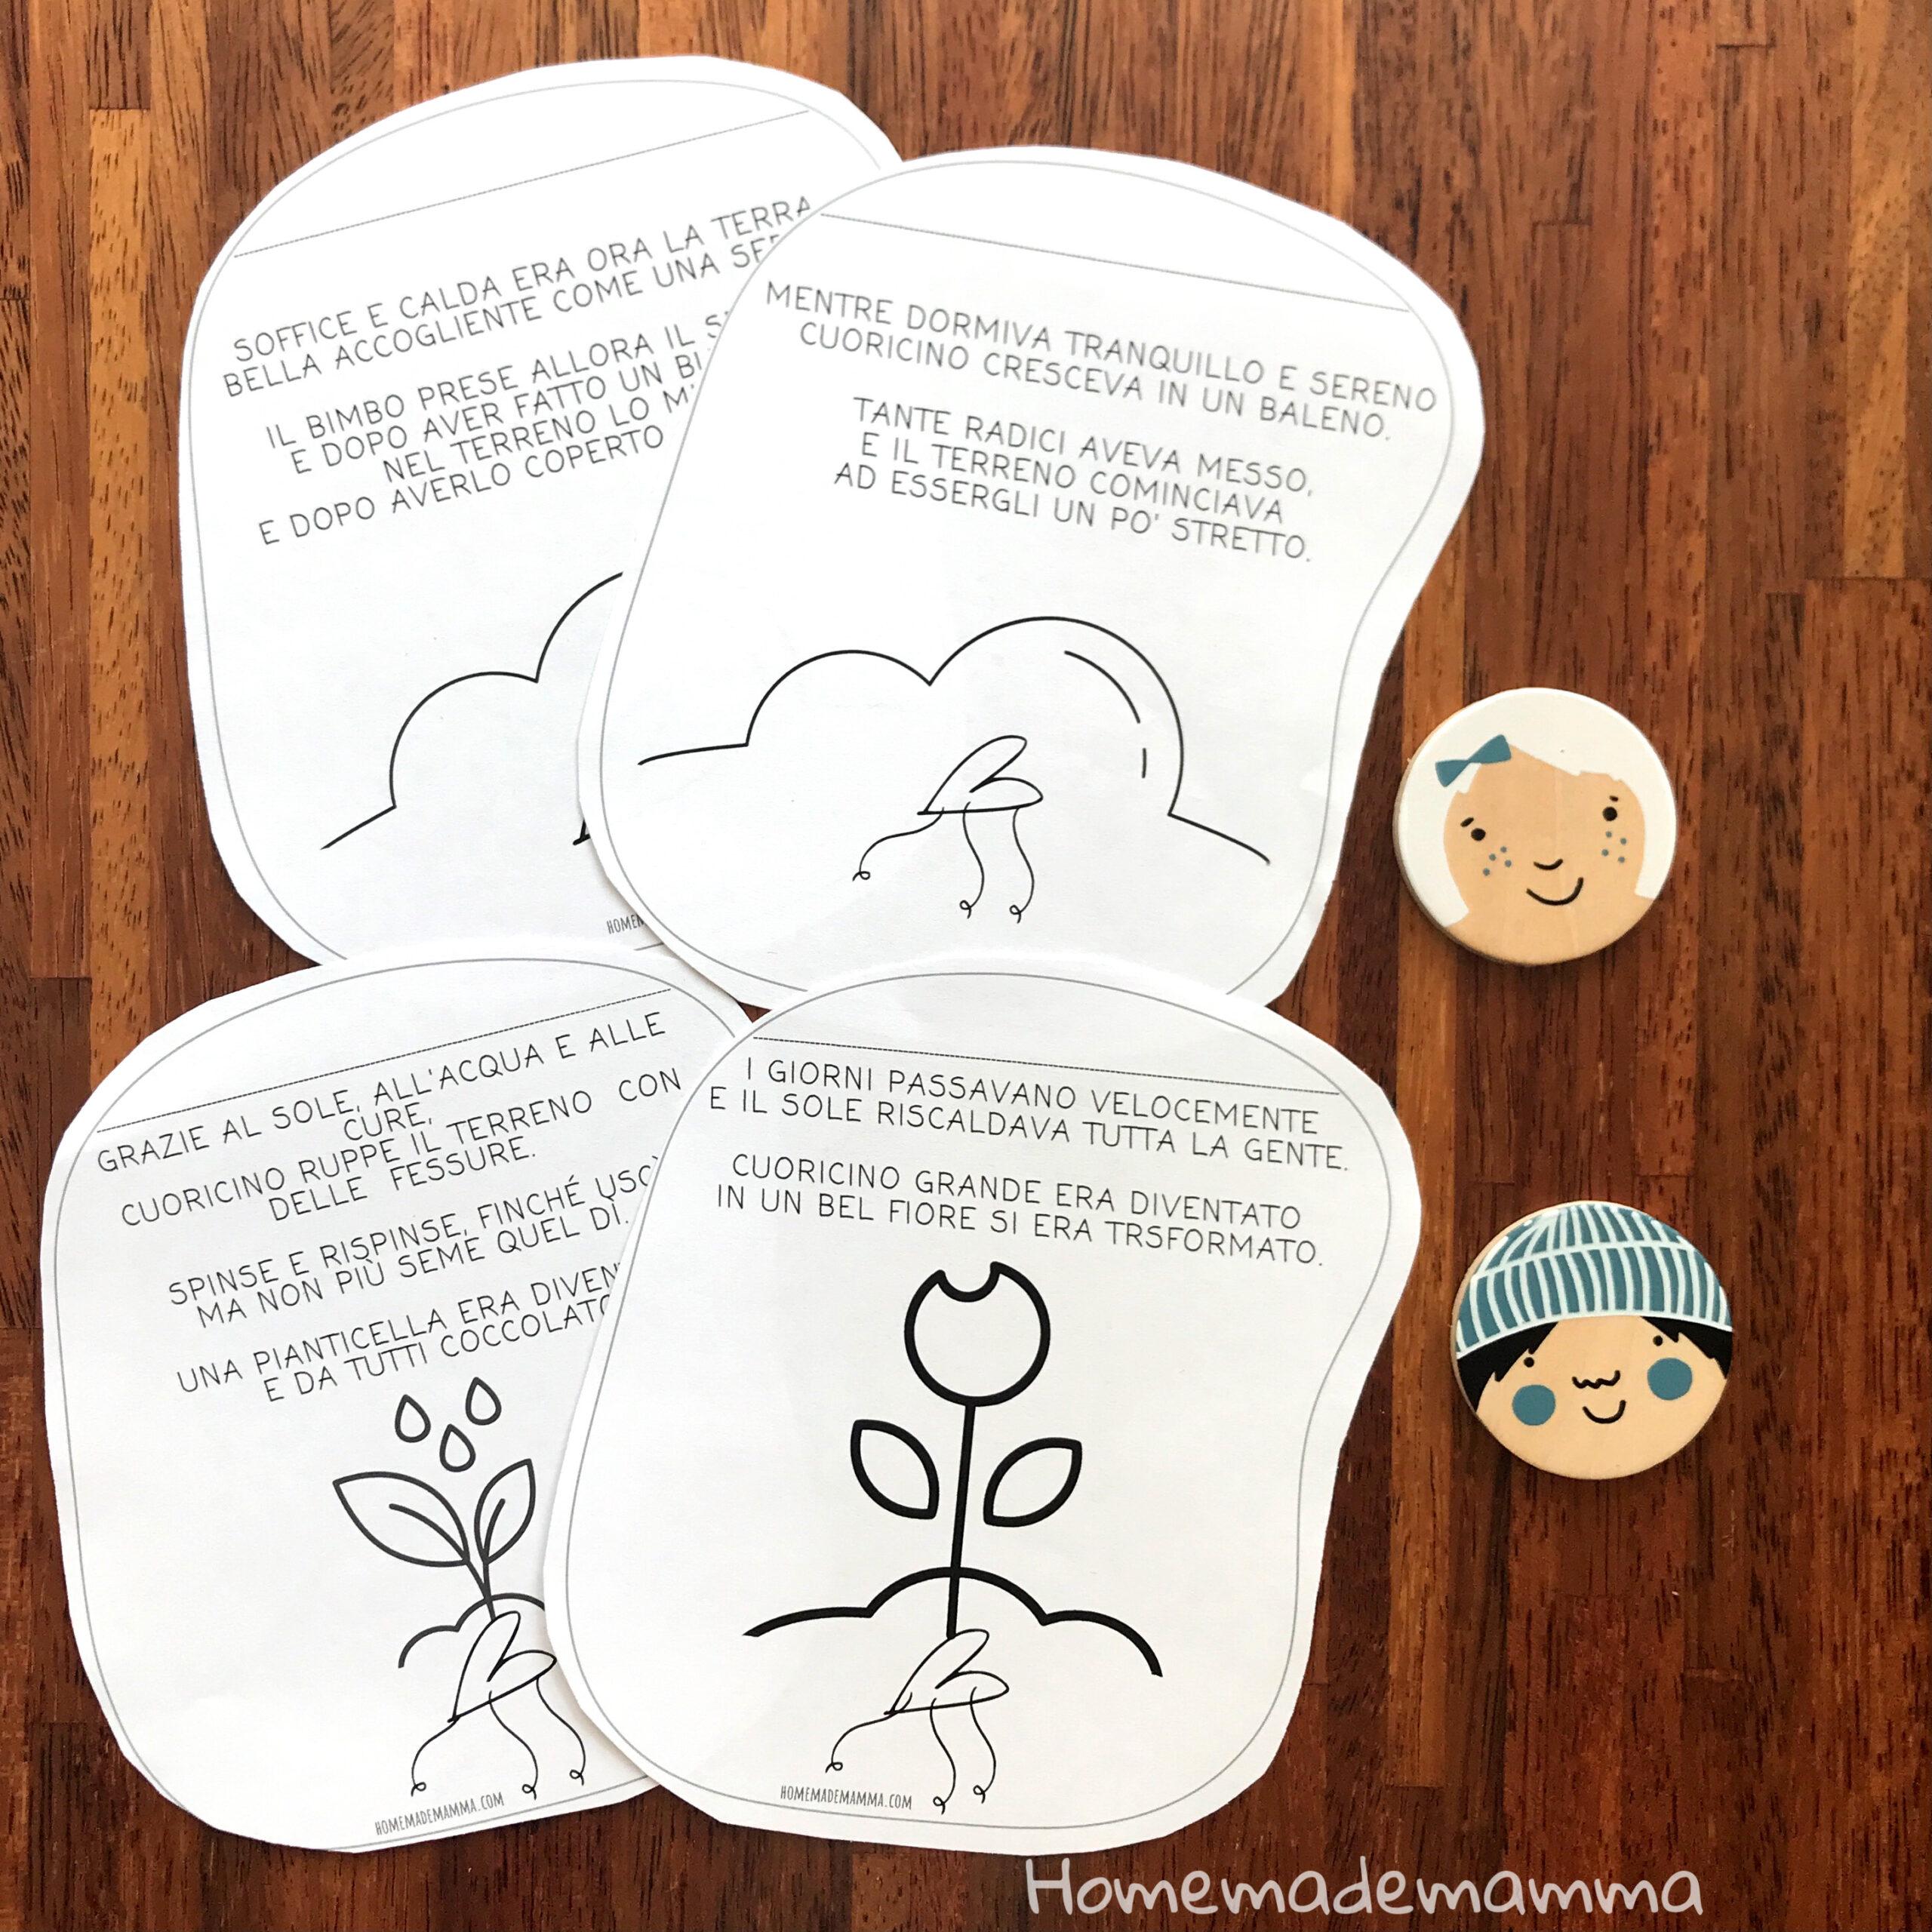 Storia da stampare bambini sul seme e fiore